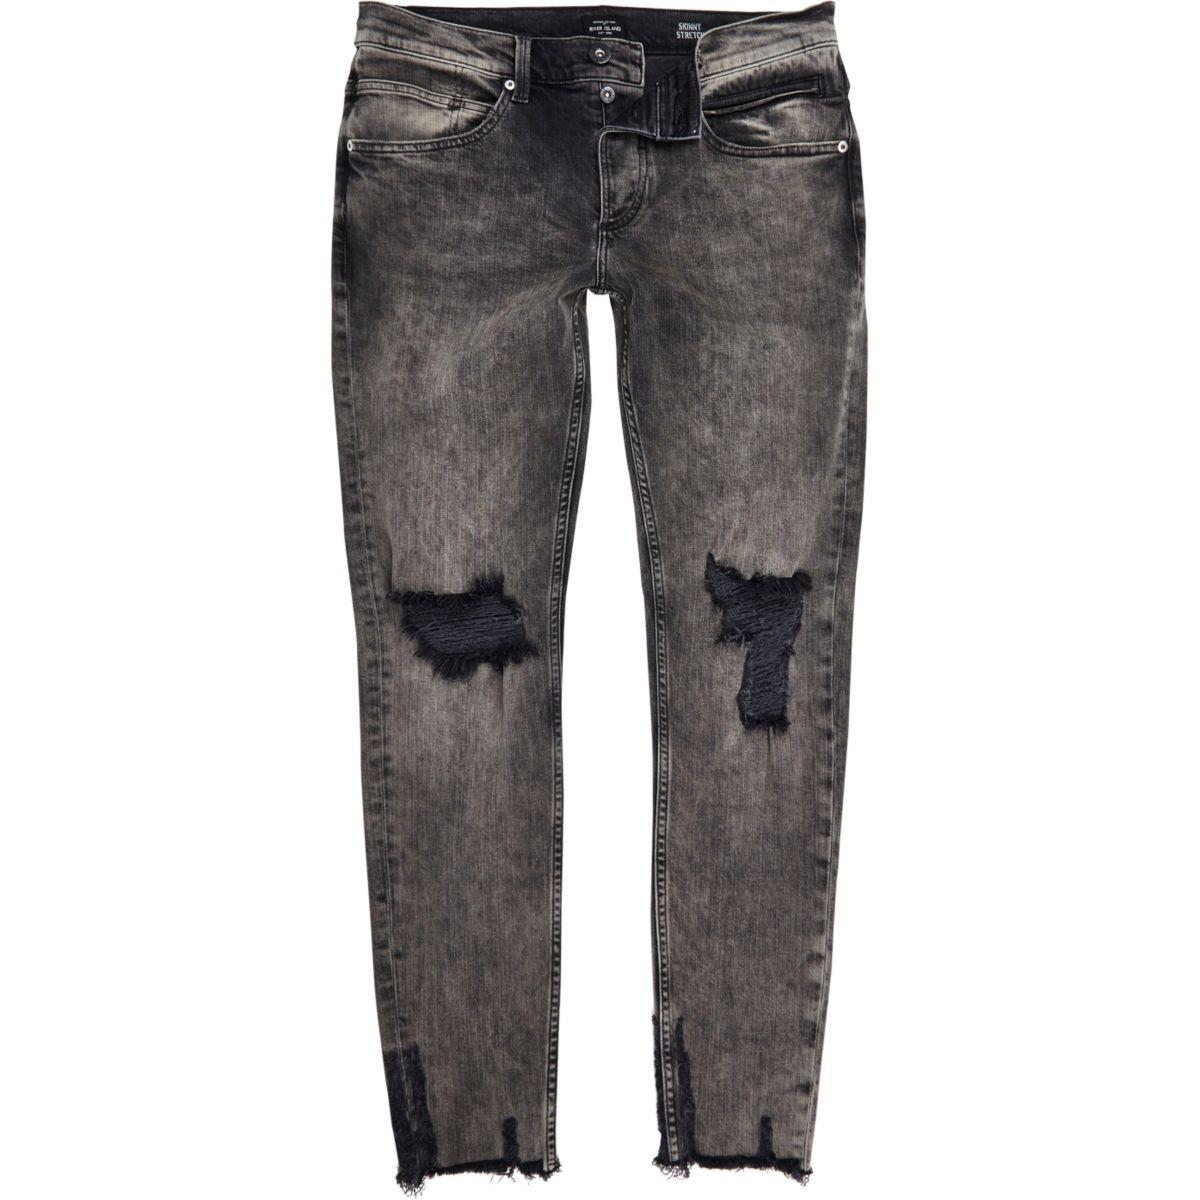 Black faded raw hem Sid skinny jeans